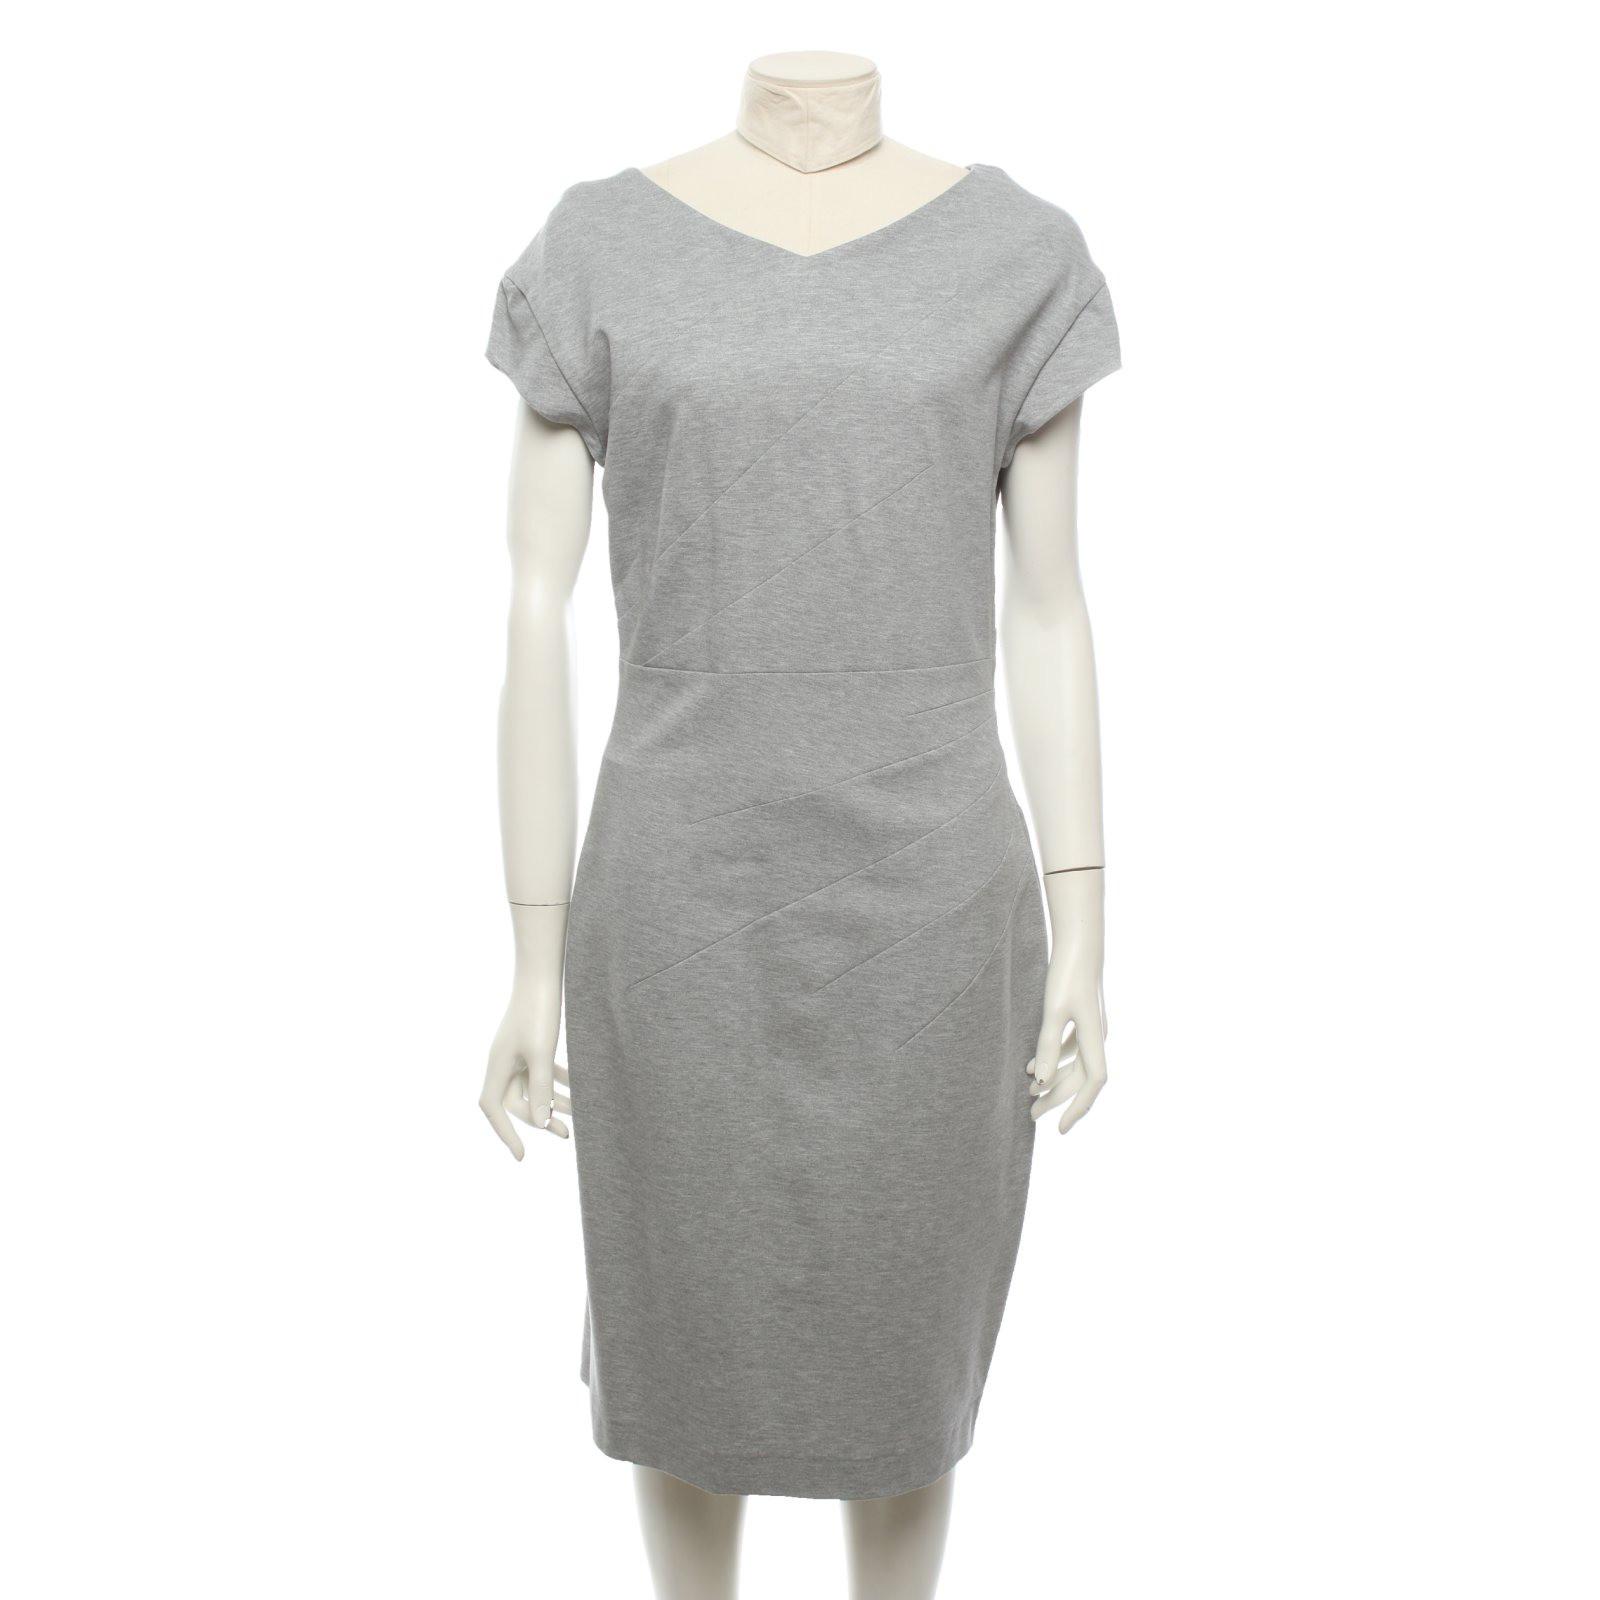 Odeeh Kleid aus Jersey in Grau - Second Hand Odeeh Kleid aus